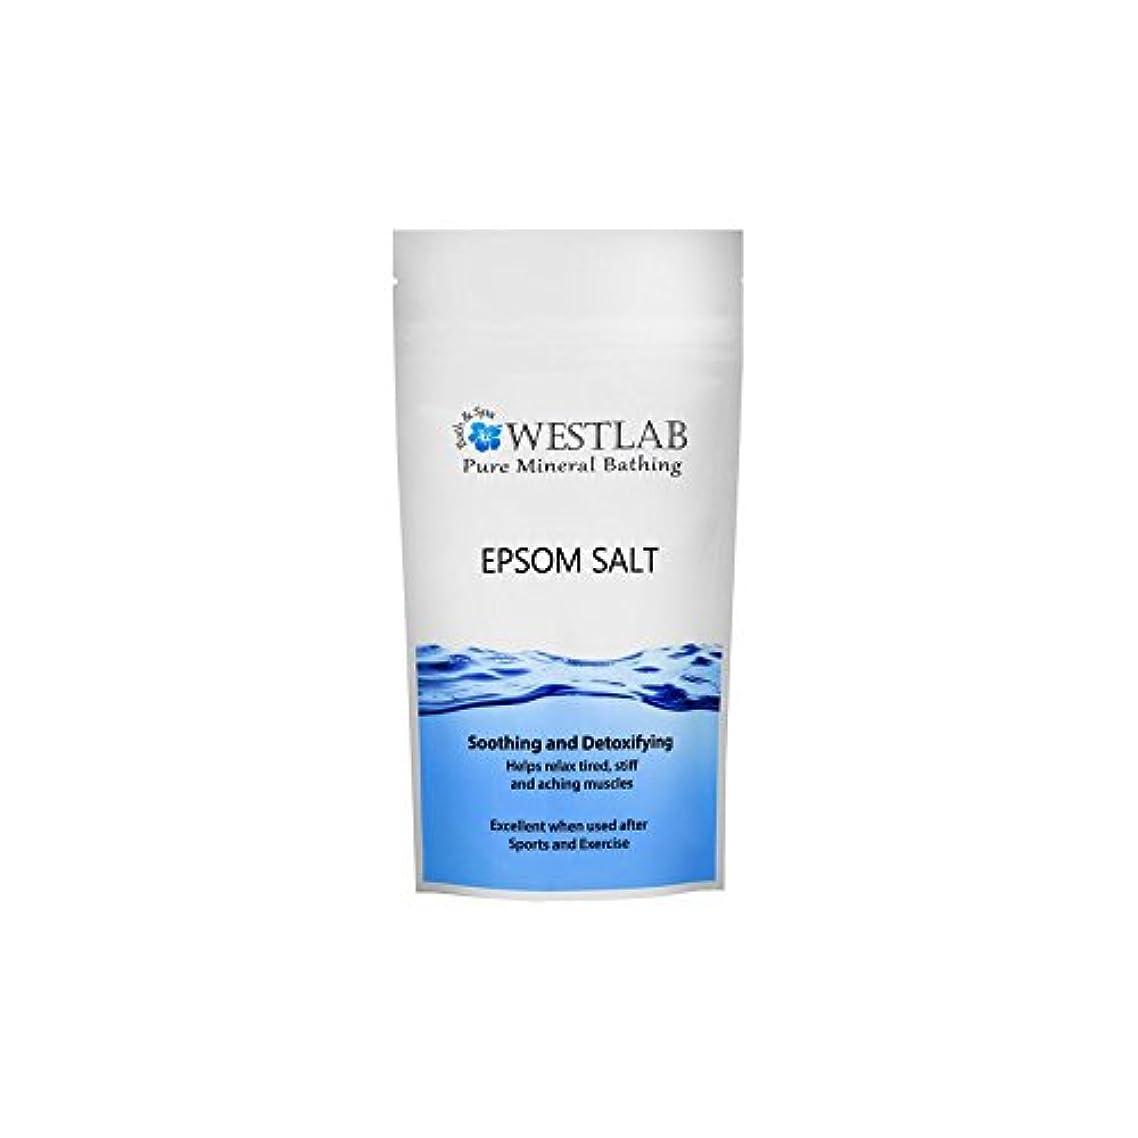 オーケストラ殺します触覚エプソム塩の2キロ x2 - Westlab Epsom Salt 2kg (Pack of 2) [並行輸入品]